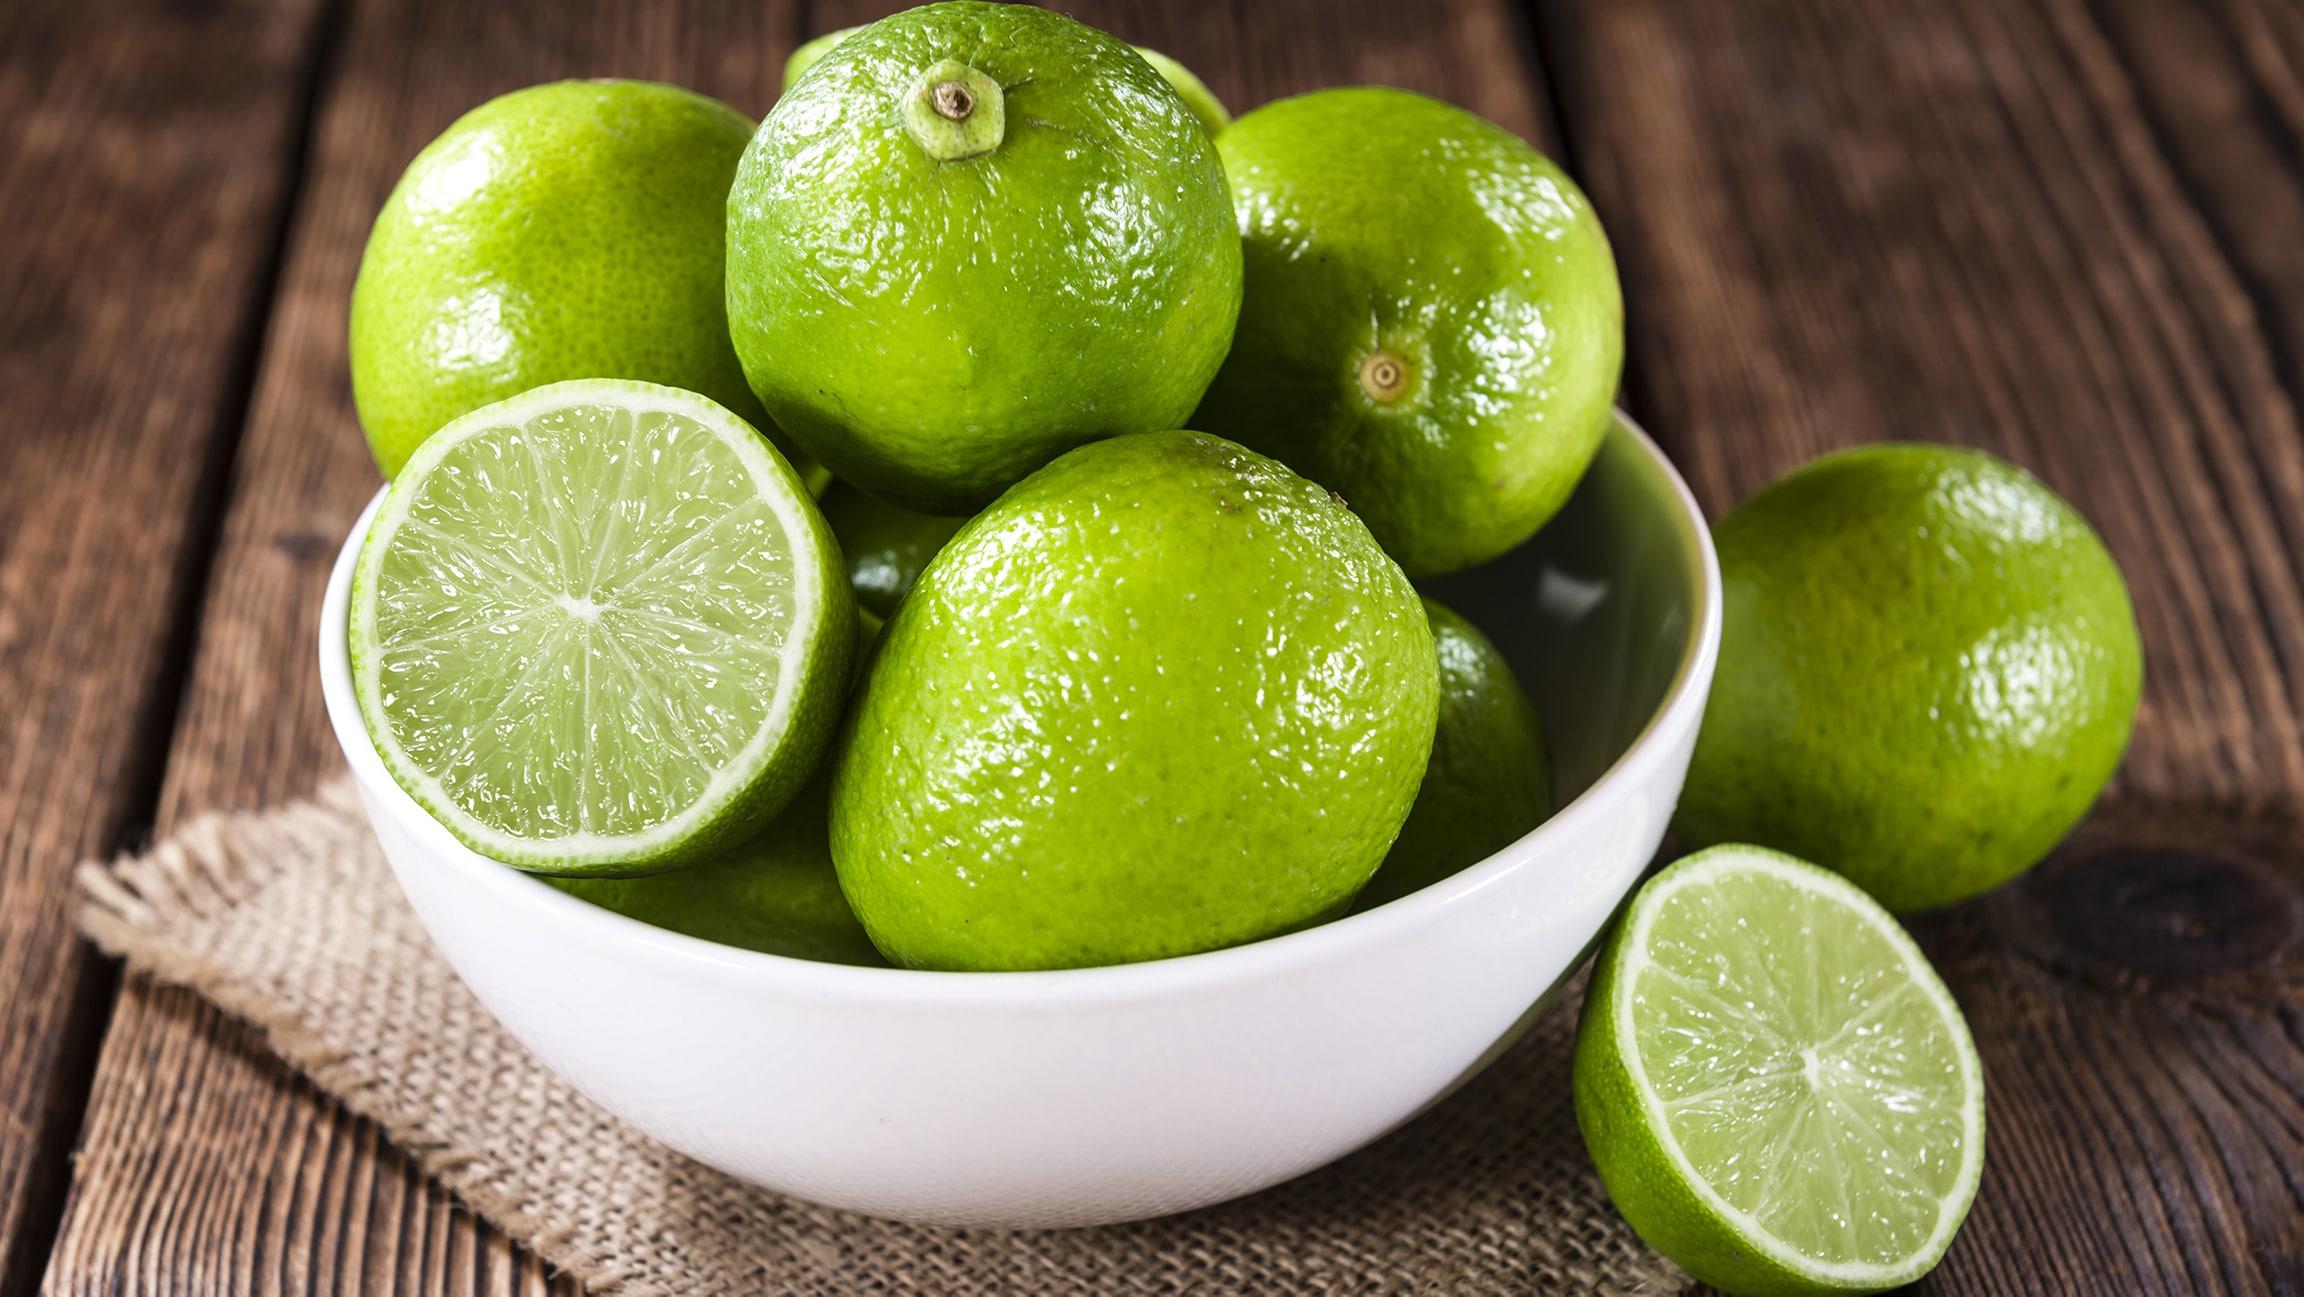 Bệnh về phổi ngày càng phổ biến: Hãy ăn những thực phẩm này để ngăn ngừa bệnh tấn công - Ảnh 3.